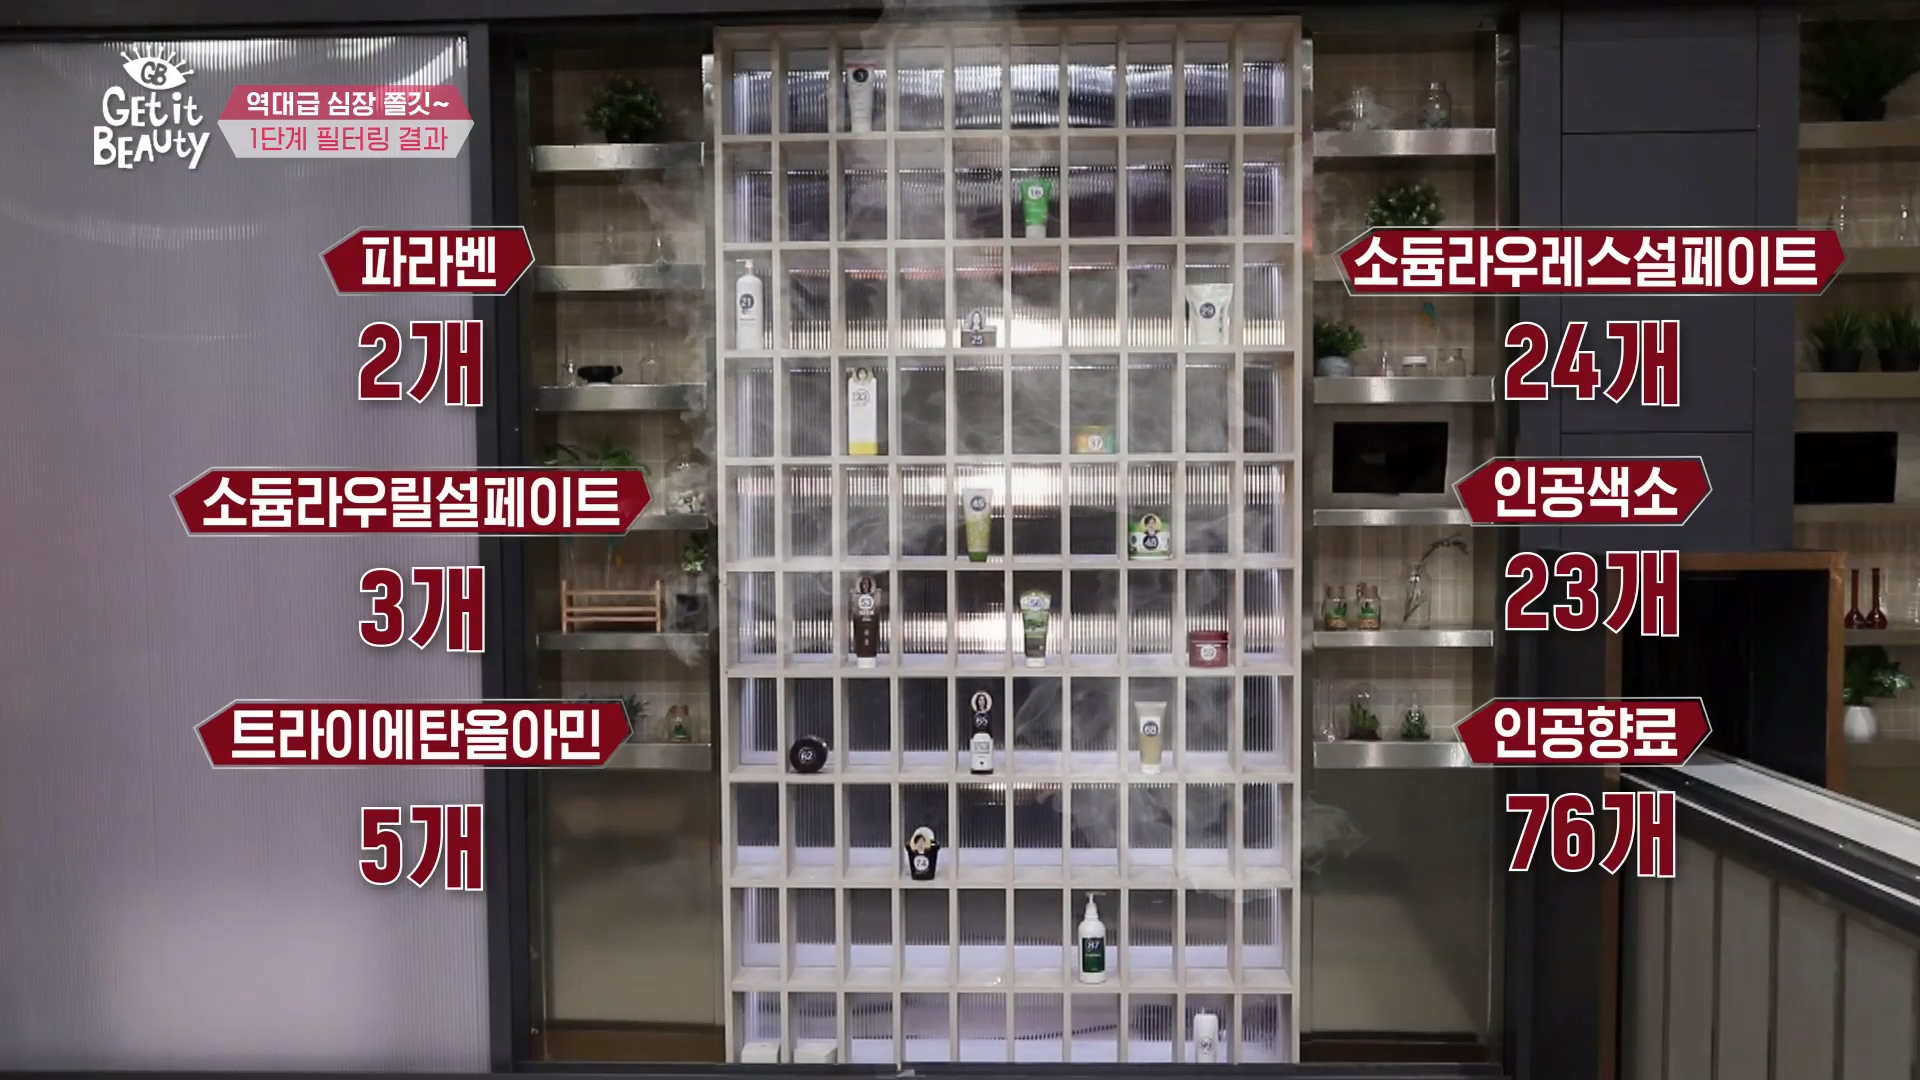 필터링 결과! 파라벤이 함유된 제품: 2개 소듐라우릴설페이트가 함유된 제품 : 3개  소듐라우레스설페이트가 함유된 제품 : 24개  인공향료가 포함된 제품: 76개 트라이에탄올아민이 포함된 제품 : 5개 인공색소가 포함된 제품: 23개